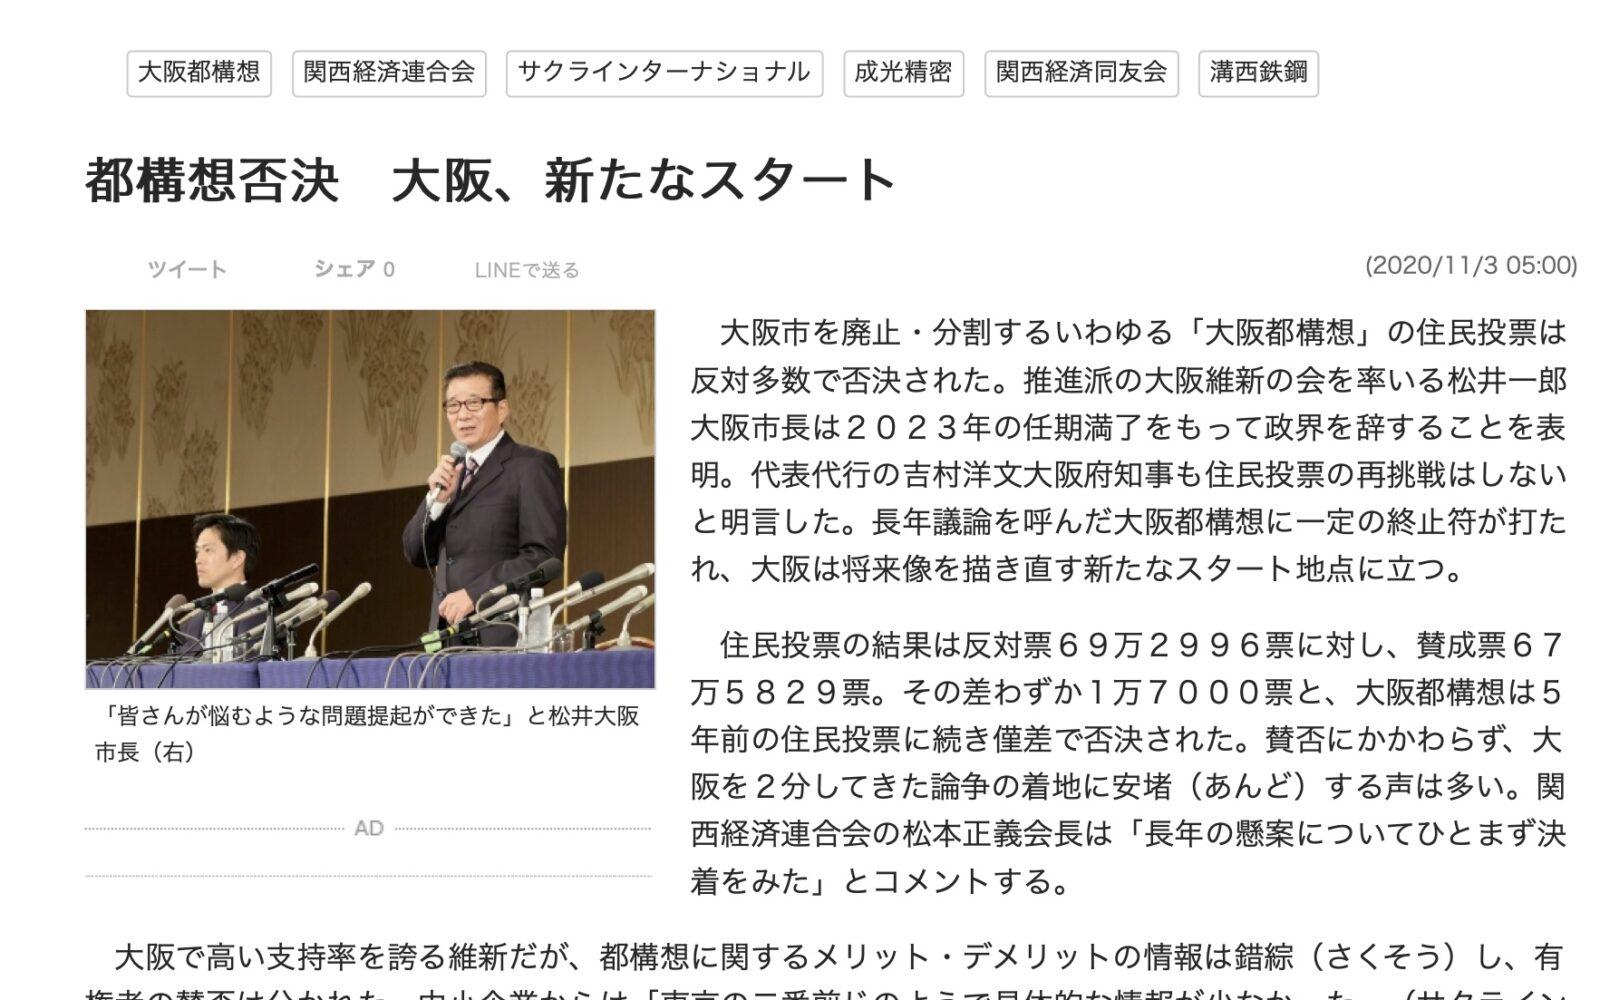 日刊工業新聞大阪都構想